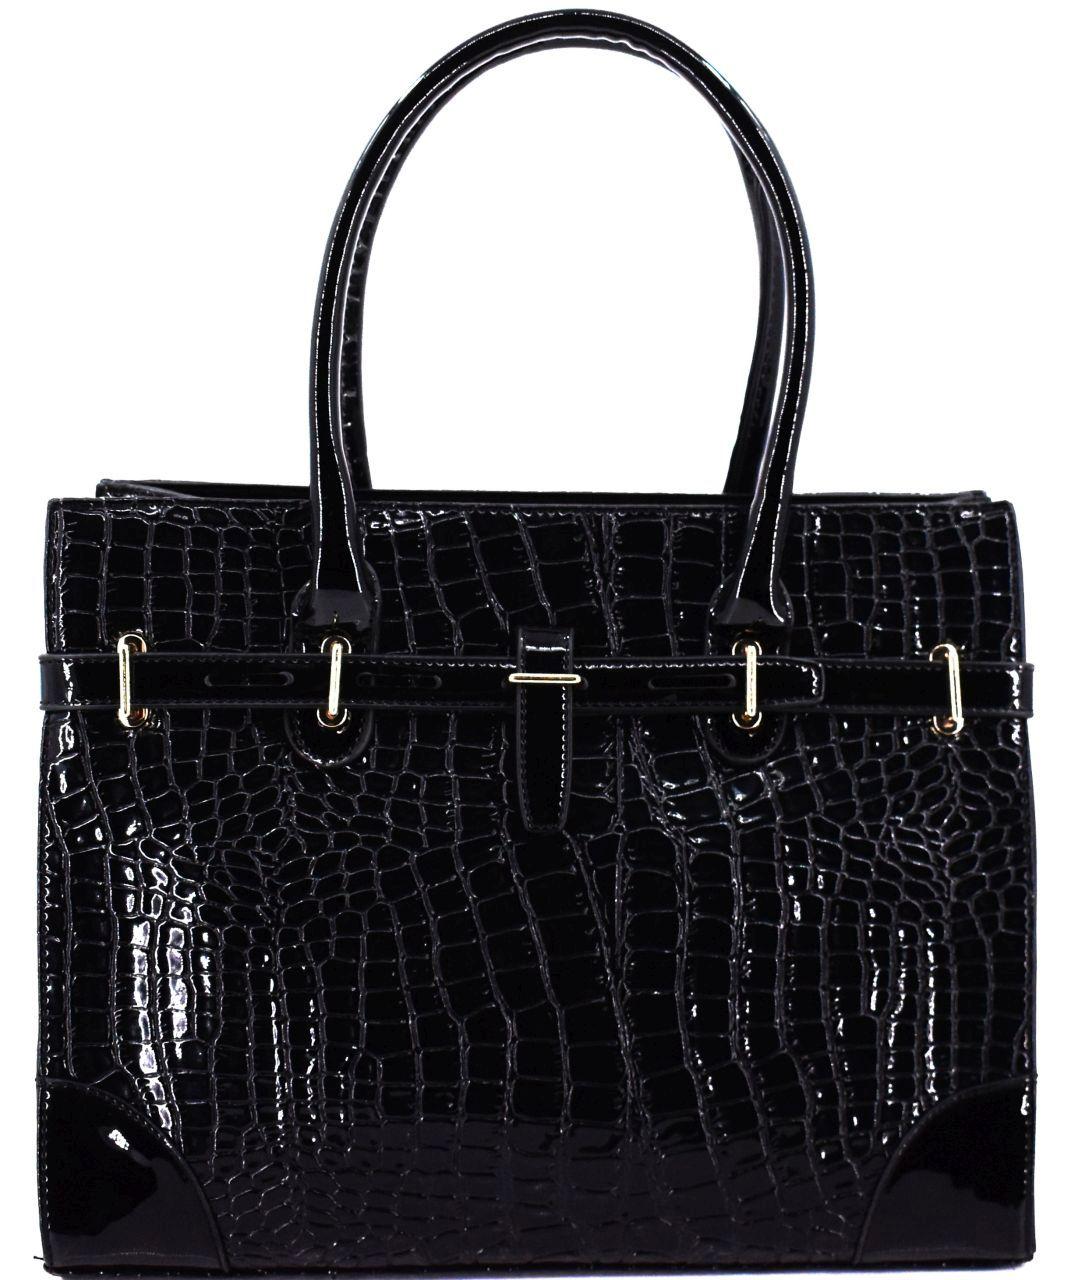 Luxusní dámská lakovaná kabelka - černá 30740